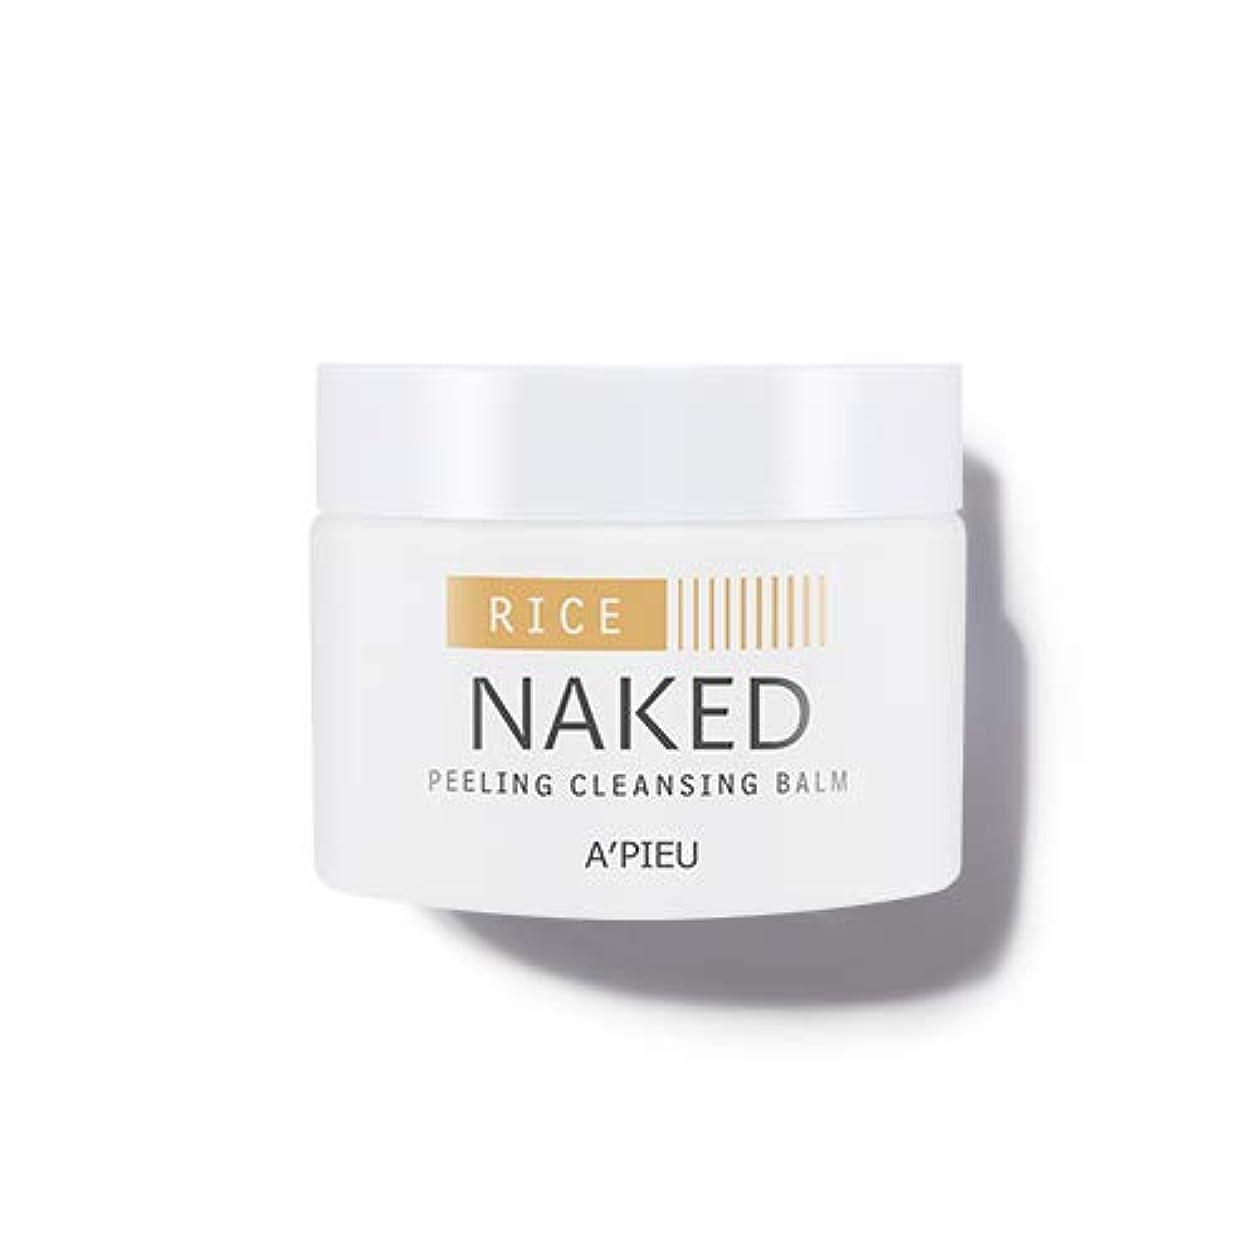 円形配管出版アピュ ネイキッド ピーリング クレンジング バーム 45g / APIEU Naked Peeling Cleansing Balm [並行輸入品]